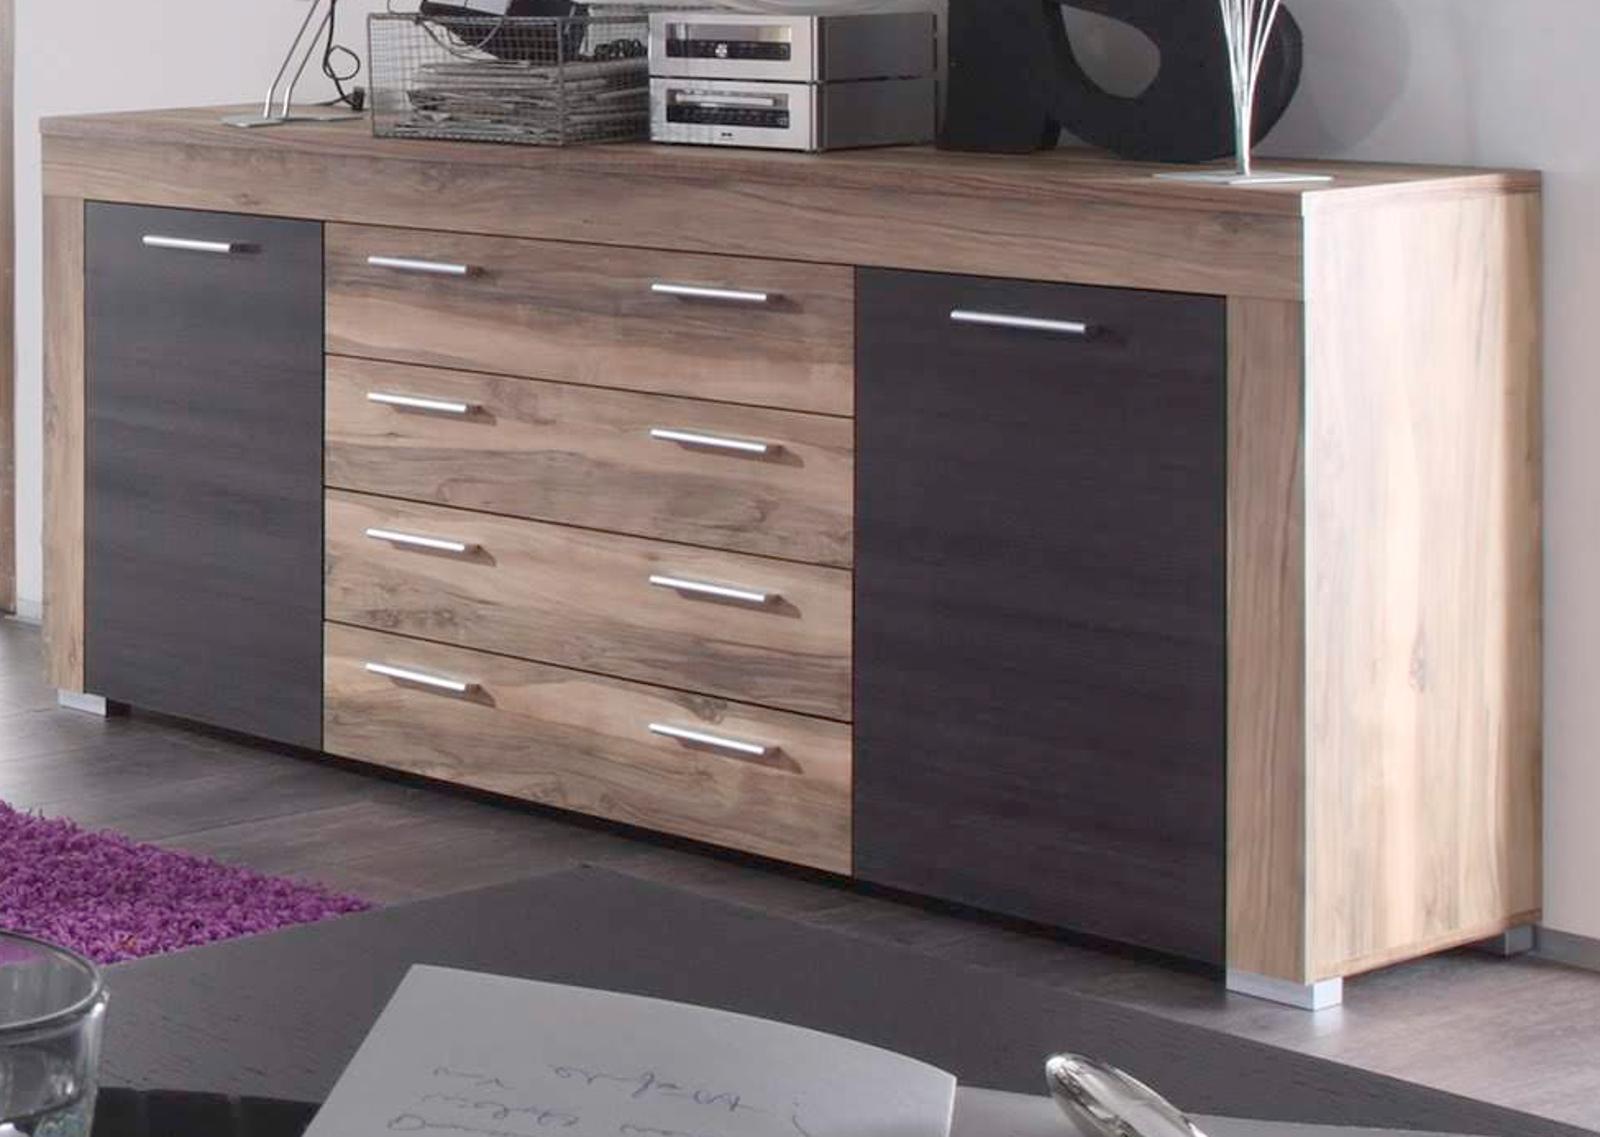 sideboard anrichte boom nussbaum satin touchwood, Gestaltungsideen